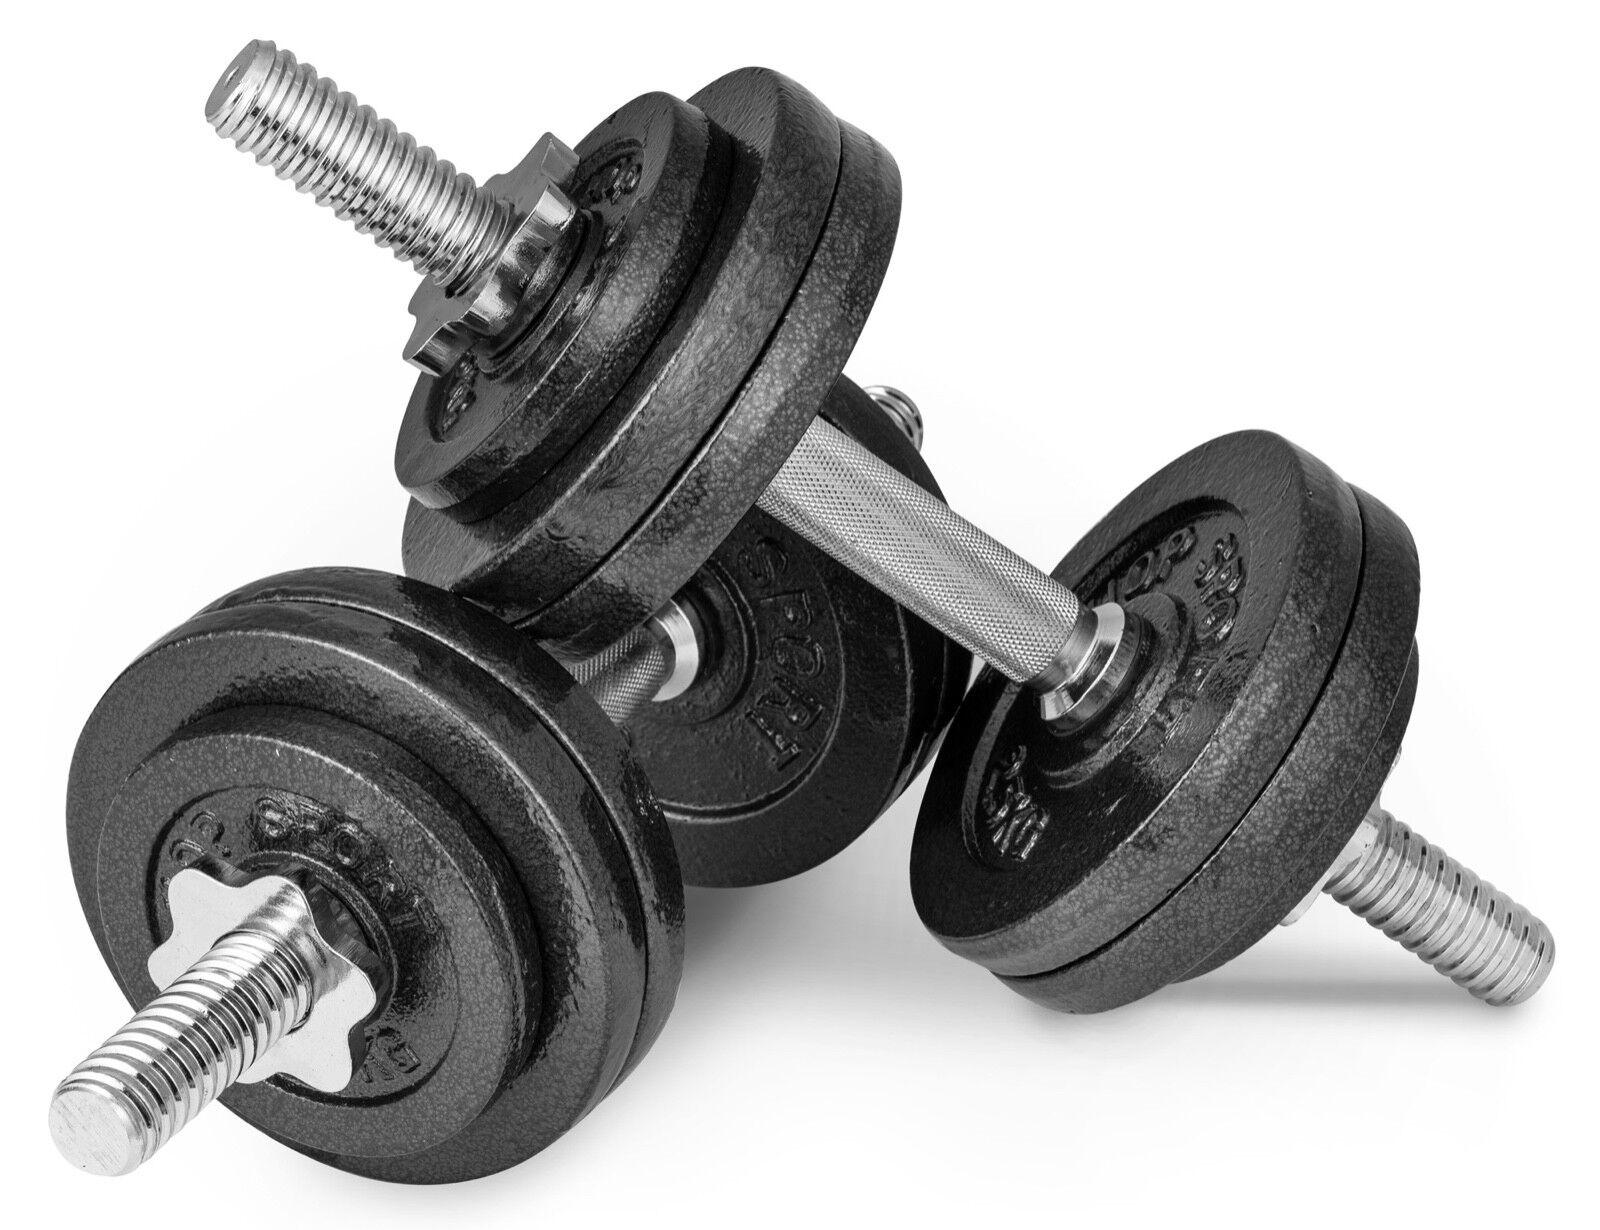 30kg (2x15) Gusseisen Kurzhanteln Hantel Set Hanteln Gewichte Gewichte Hanteln Hantelscheiben 448566